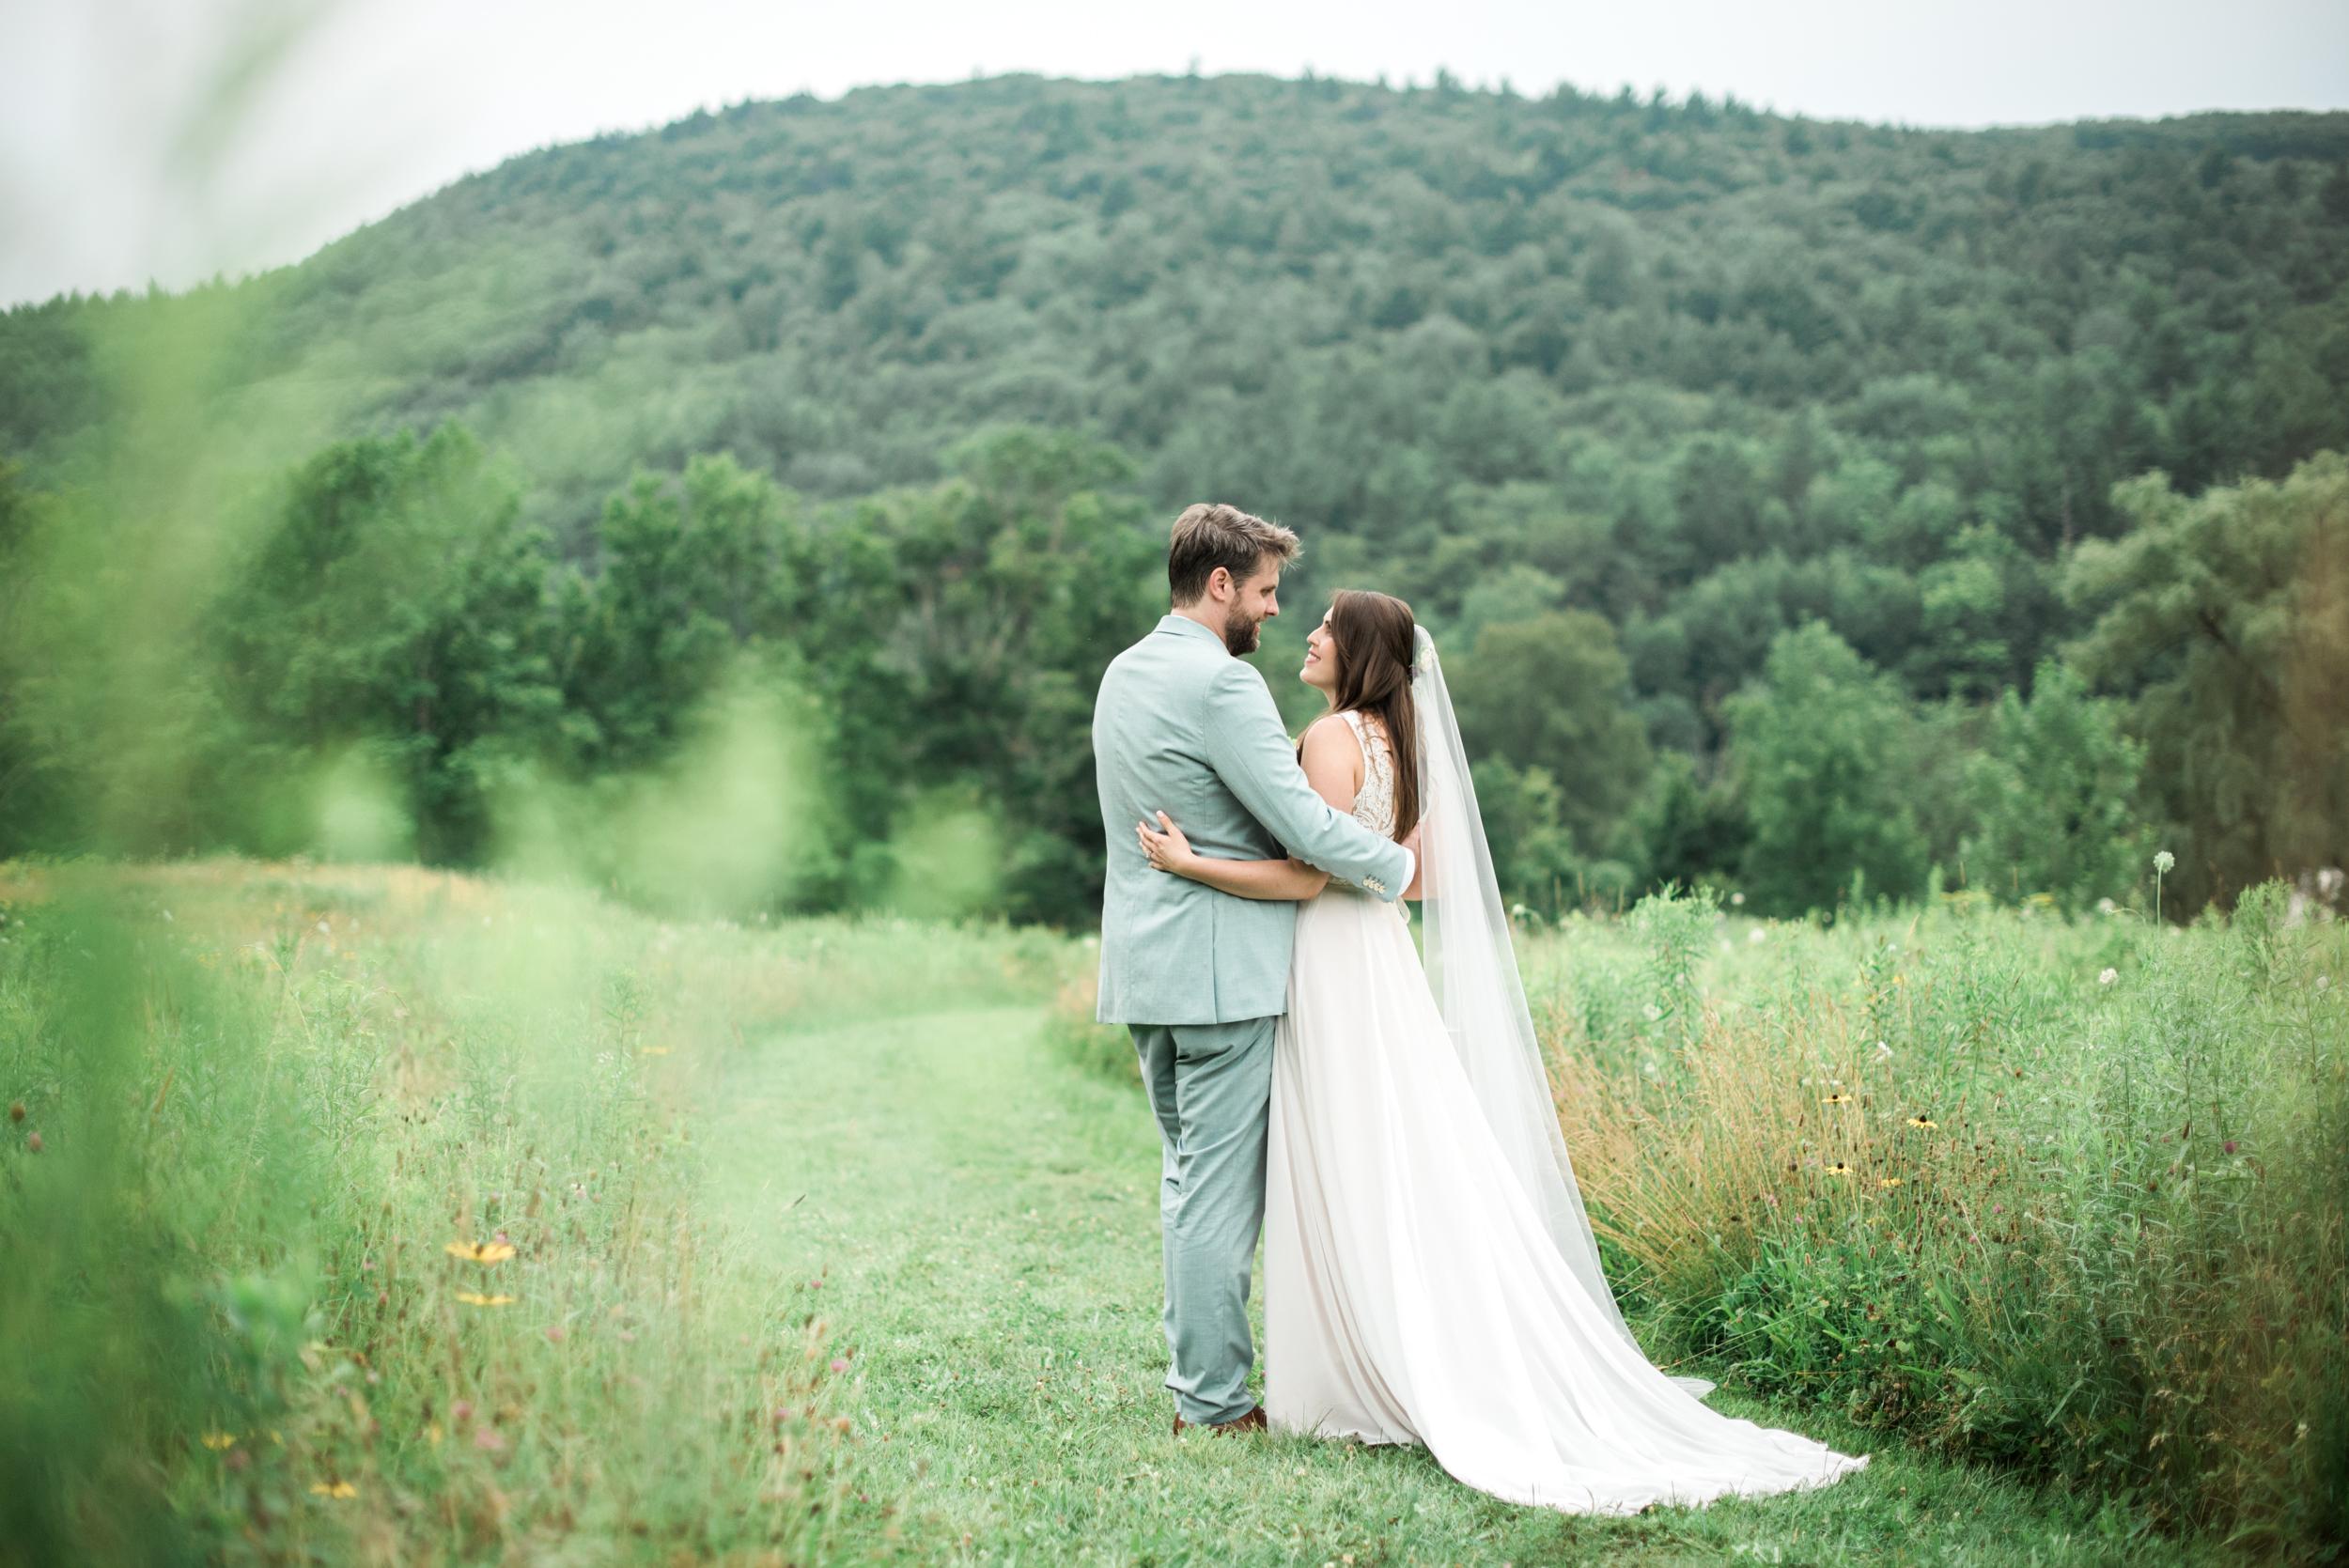 Northampton Area Wedding Photography